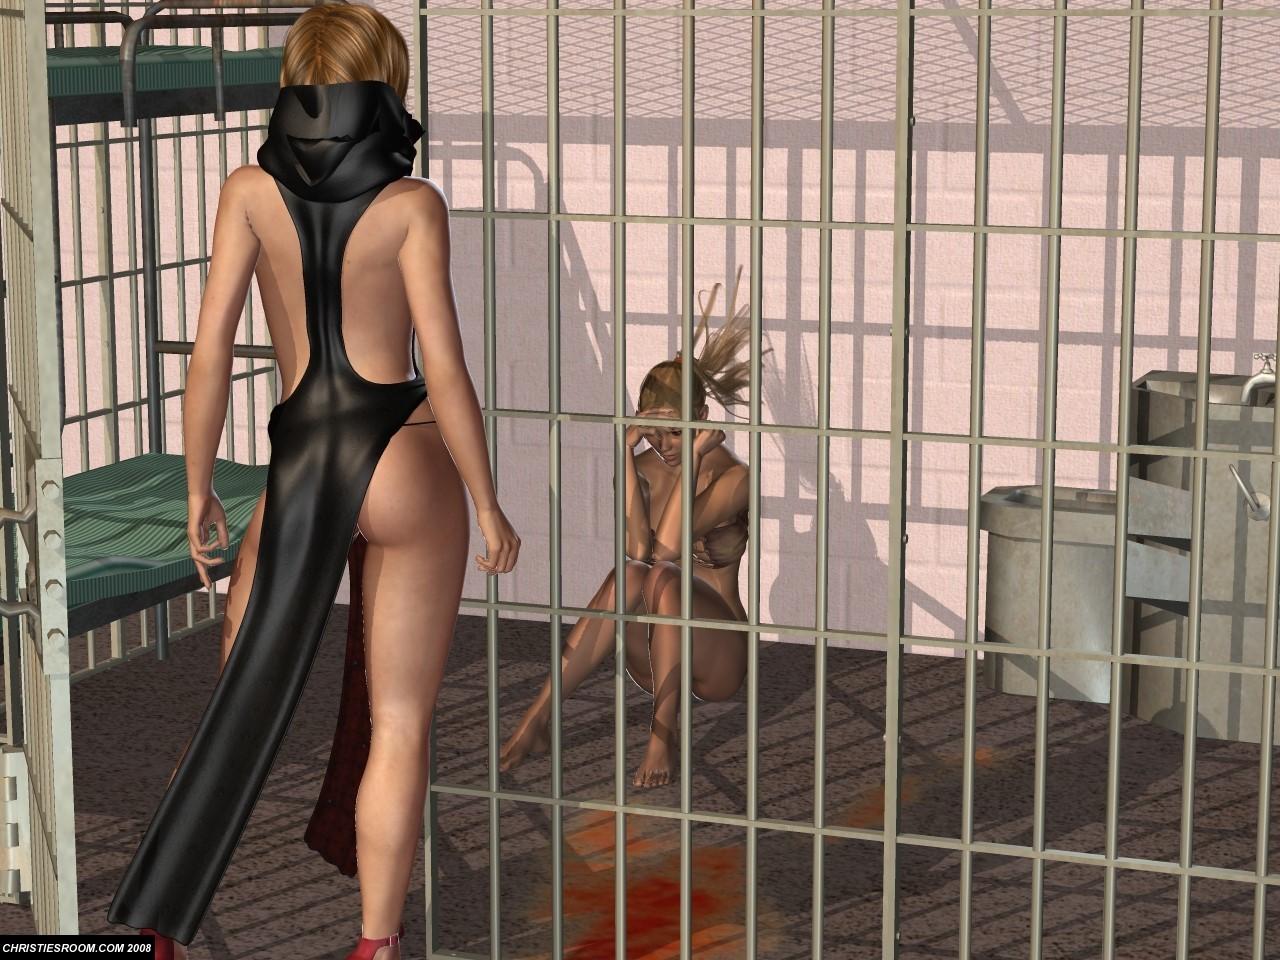 Эротические игры для взрослых онлайн бесплатно на русском языке 12 фотография